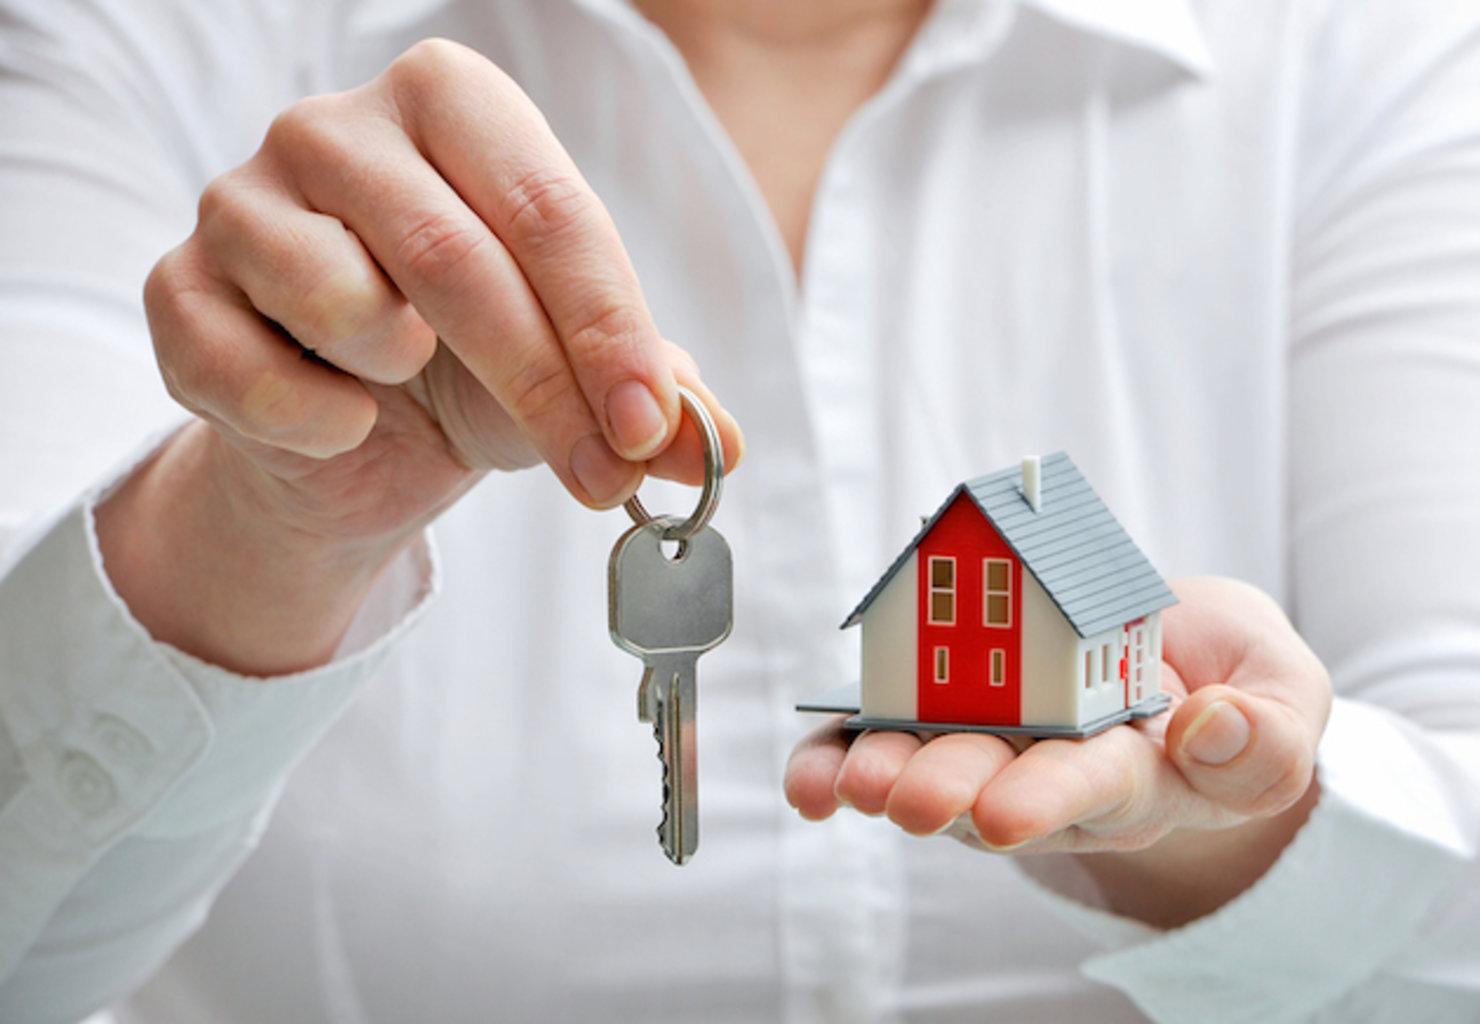 Можно ли подарить квартиру в залоге